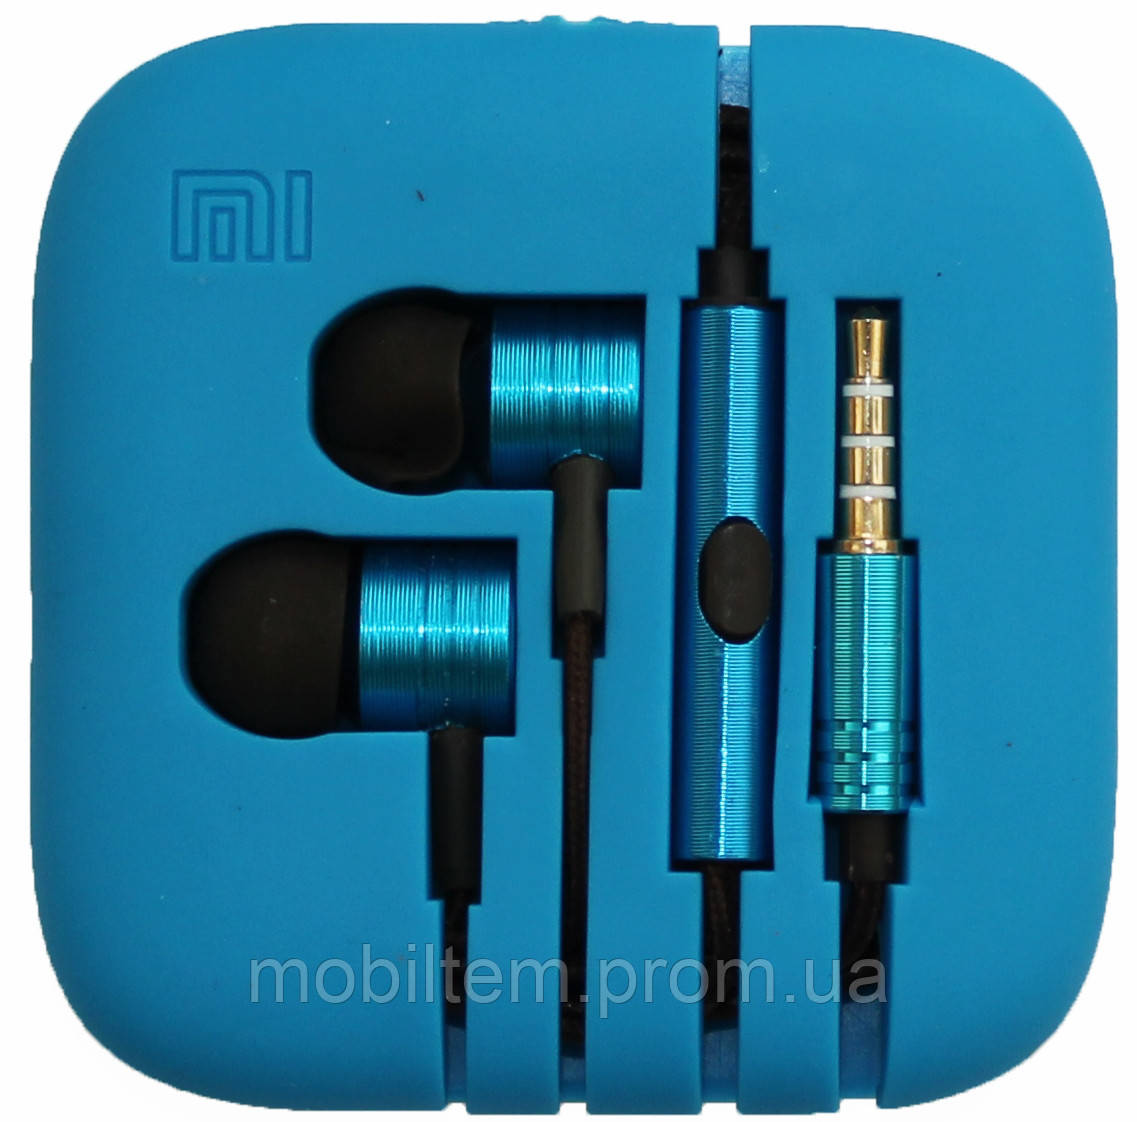 Наушники Xiaomi Piston 2 Blue copy  продажа 24b58718b9cd3